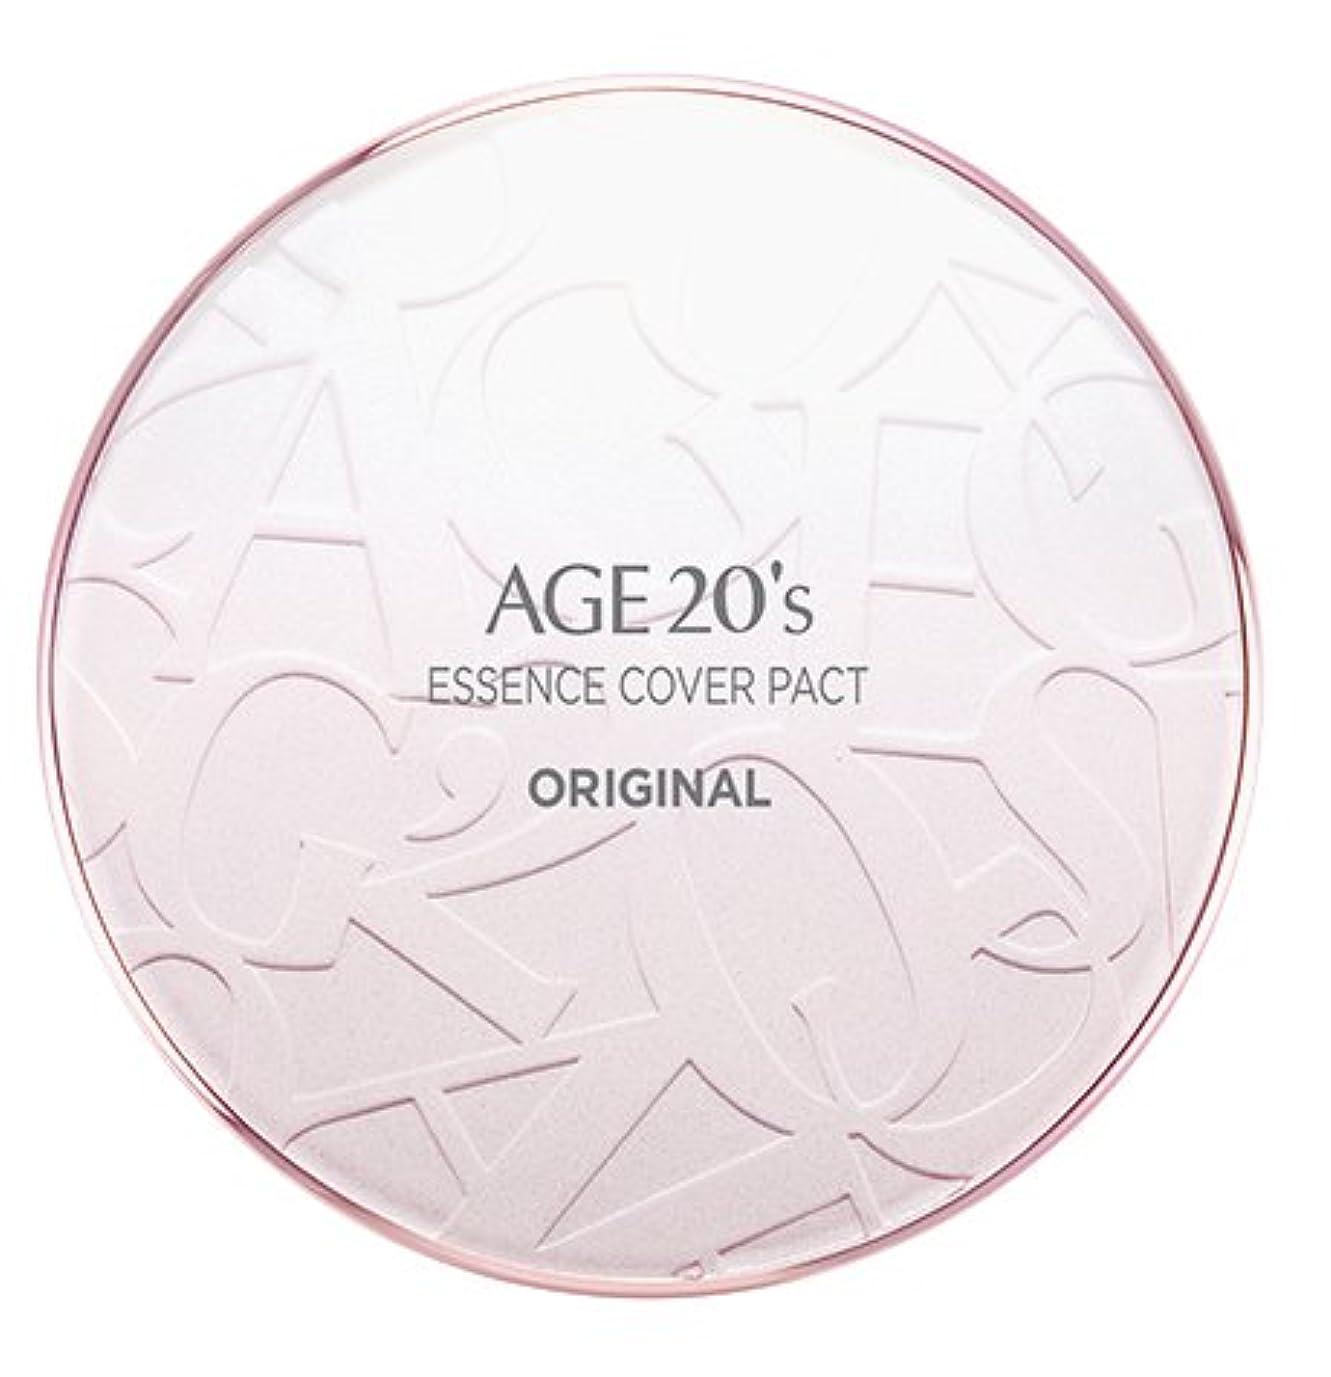 ページ半球速記AGE 20's Essence Cover Pact Original [Pink Latte] 12.5g + Refill 12.5g (#21)/エイジ 20's エッセンス カバー パクト オリジナル [ピンクラテ] 12.5g + リフィル 12.5g (#21) [並行輸入品]